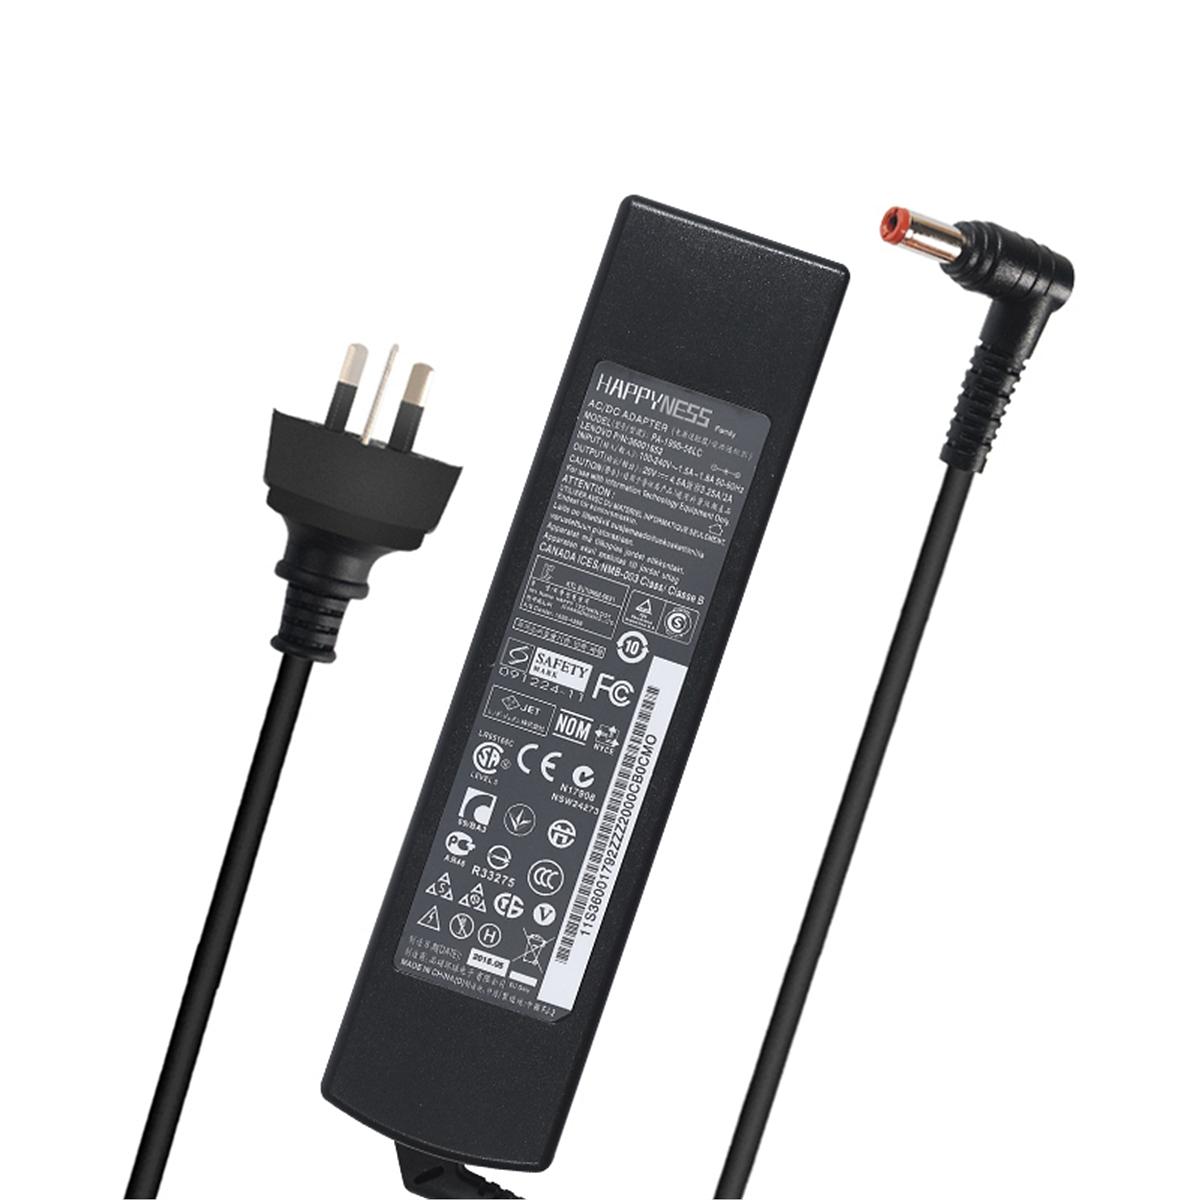 联想b450/b460/90w 电源适配器(盒)|电源适配器|电脑